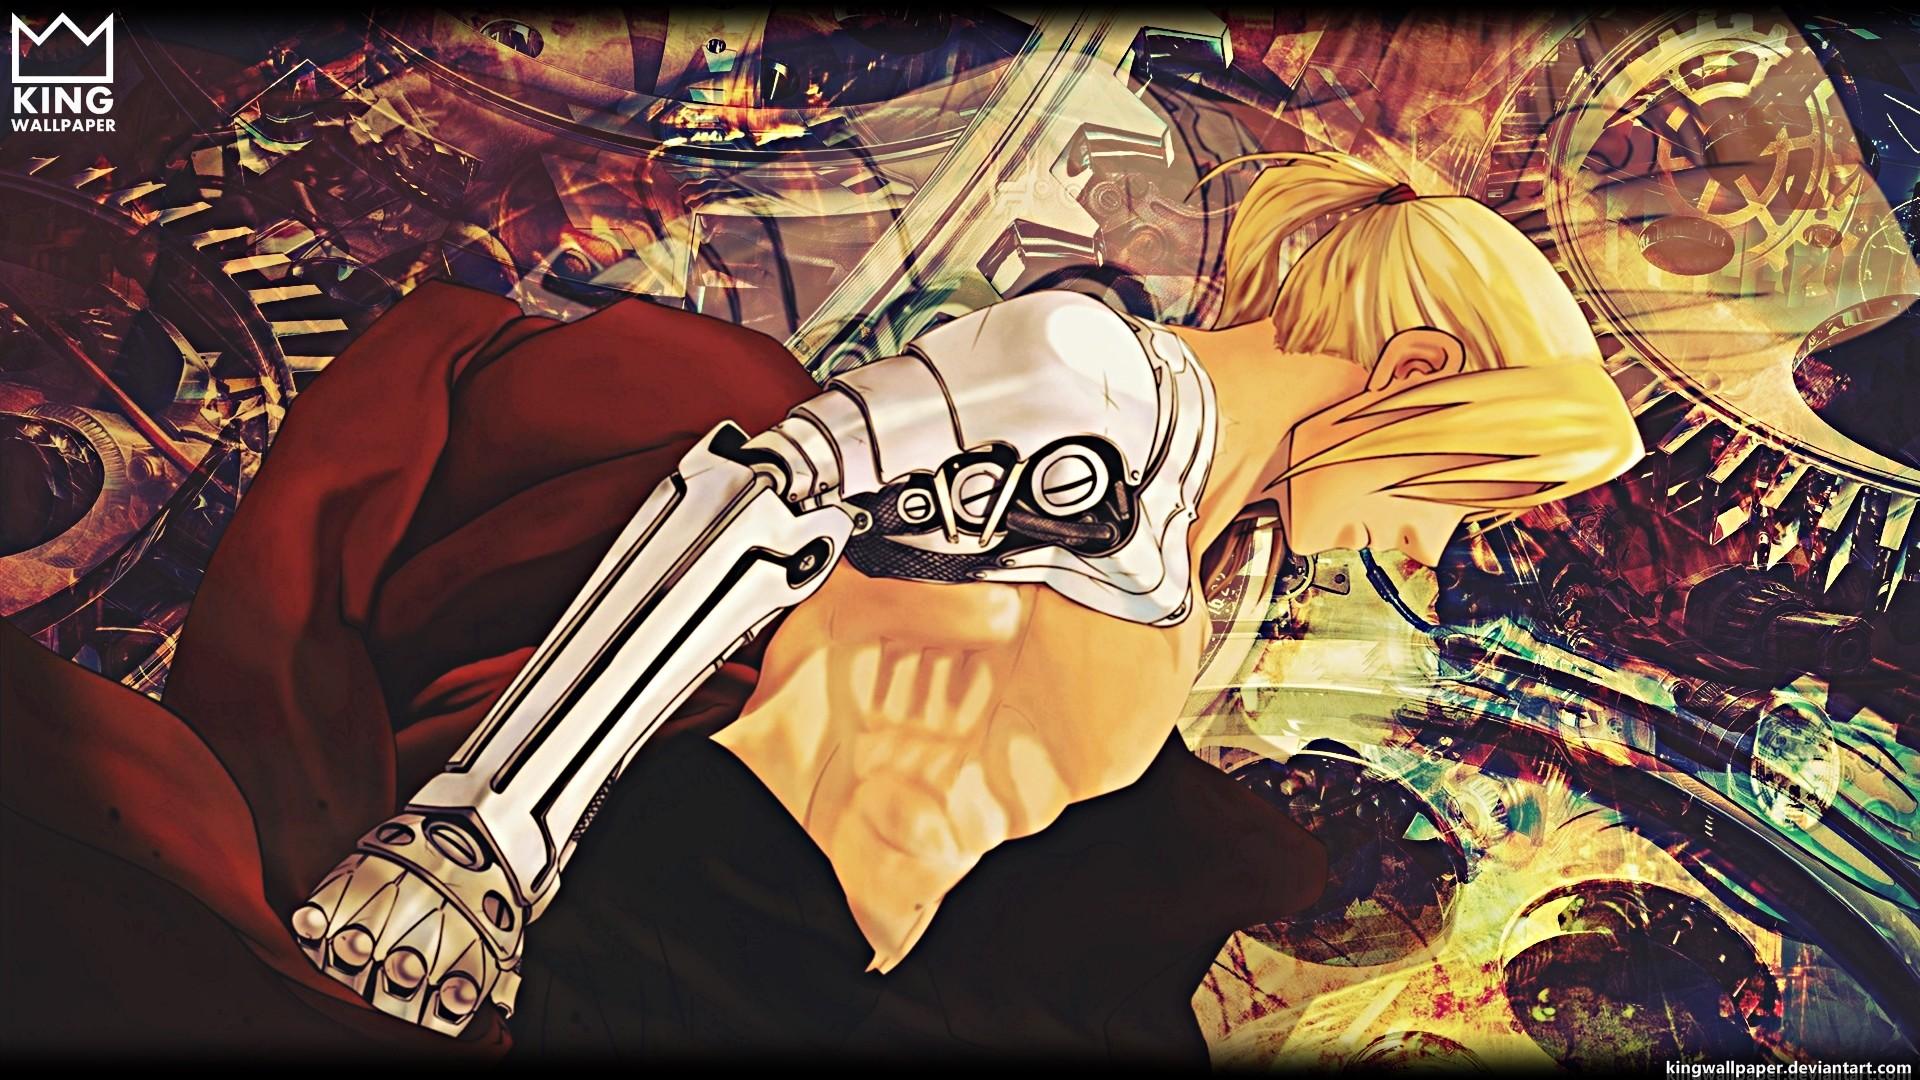 Fullmetal Alchemist HD Wallpaper 2560x1440